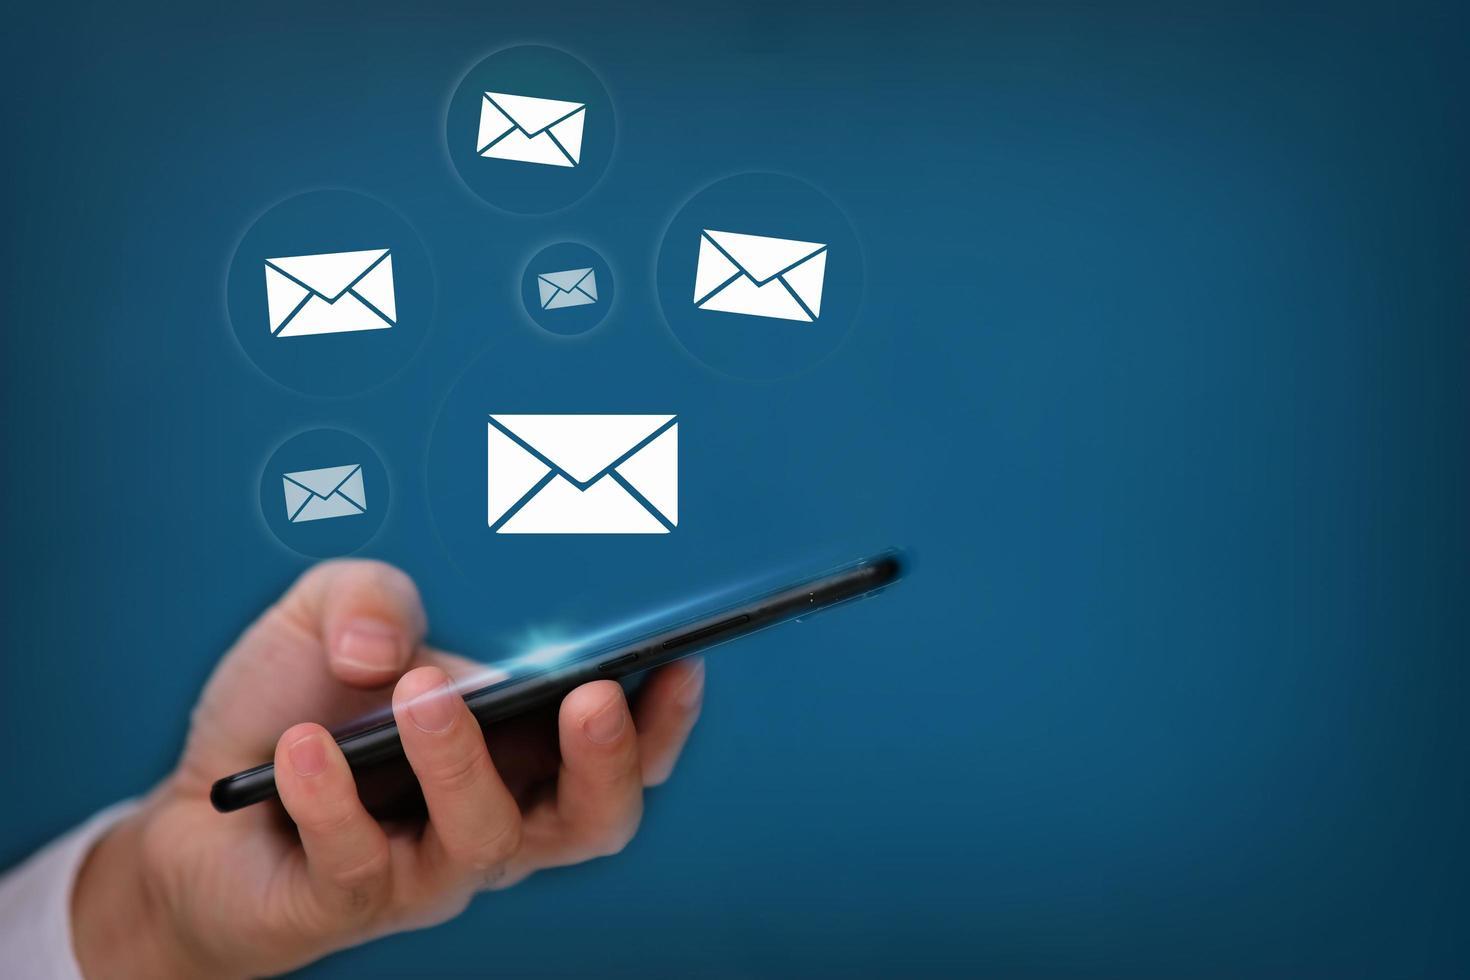 Mano con smartphone con envío de correo electrónico sobre fondo azul. foto